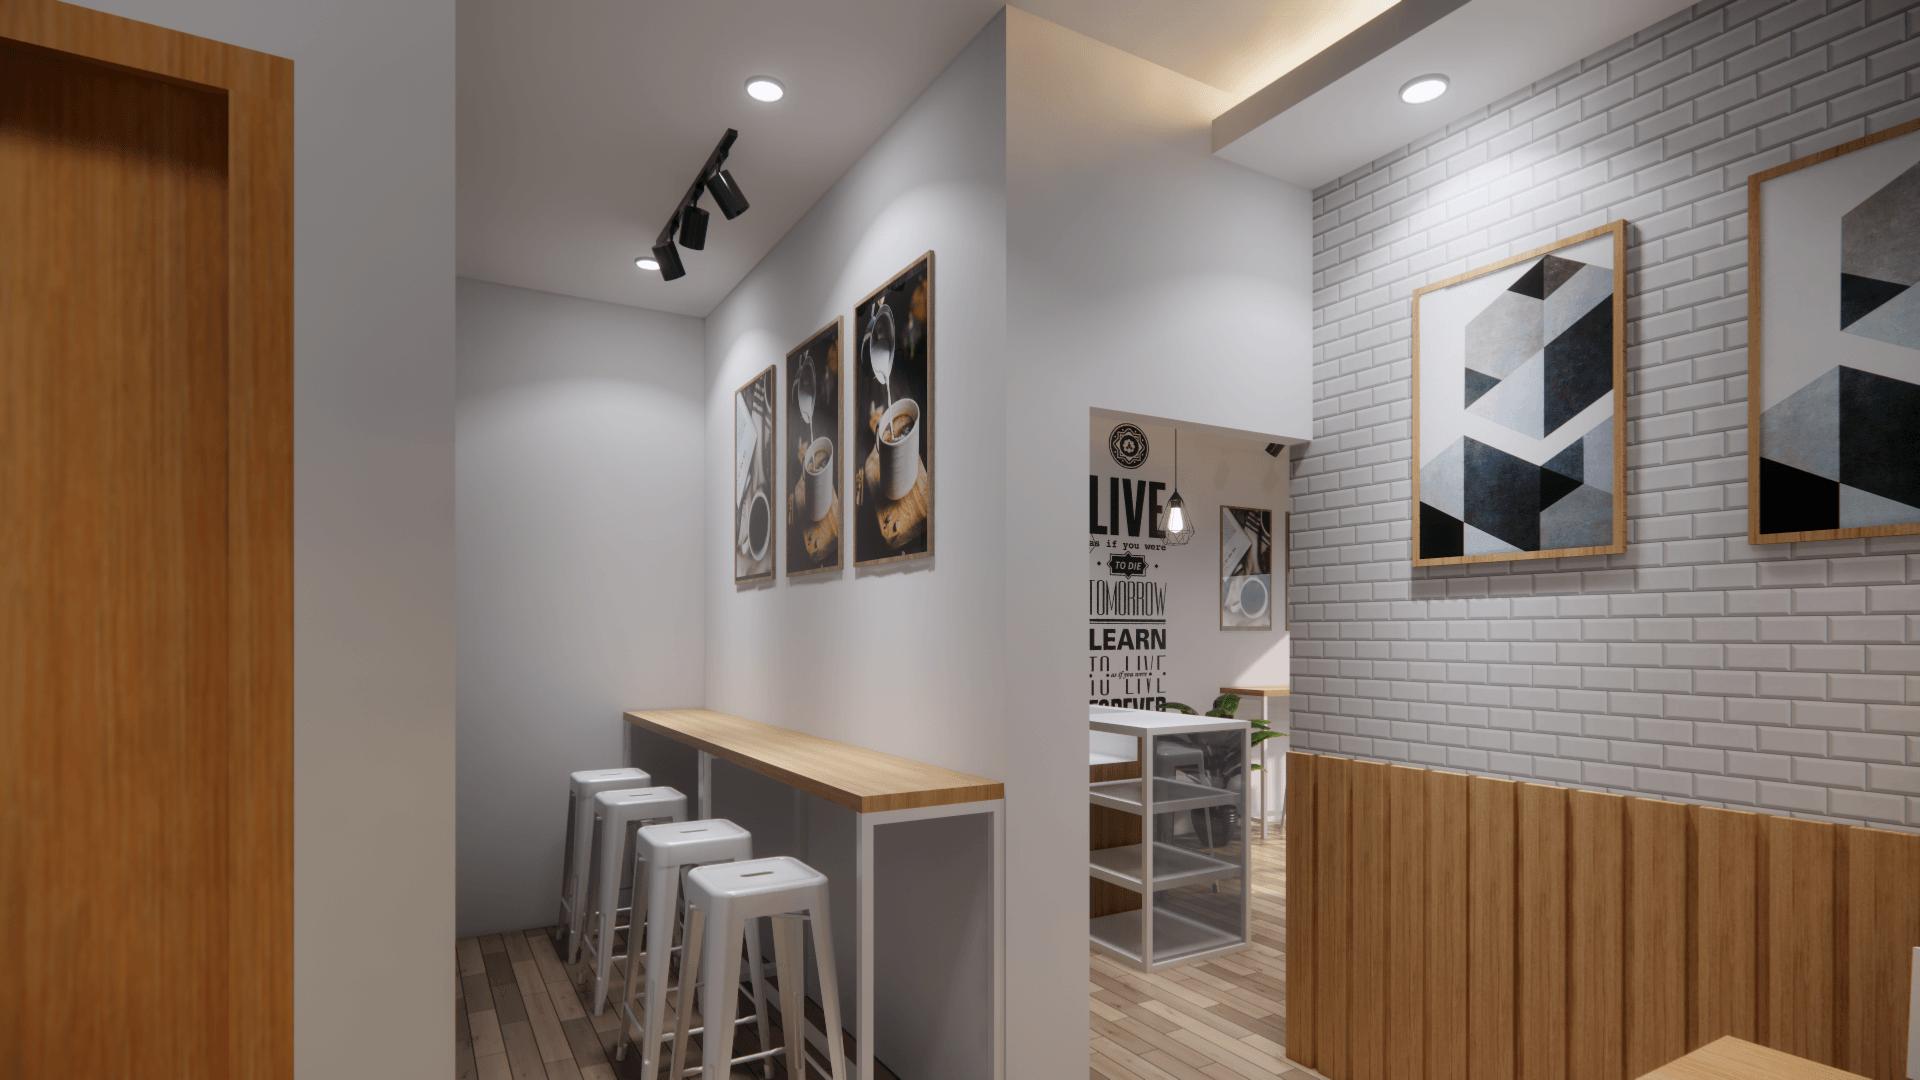 Faisal Amri Coffe Shop Bpk Andi Semarang, Kota Semarang, Jawa Tengah, Indonesia Semarang, Kota Semarang, Jawa Tengah, Indonesia Faisal-Amri-Coffe-Shop-Bpk-Andi  132497